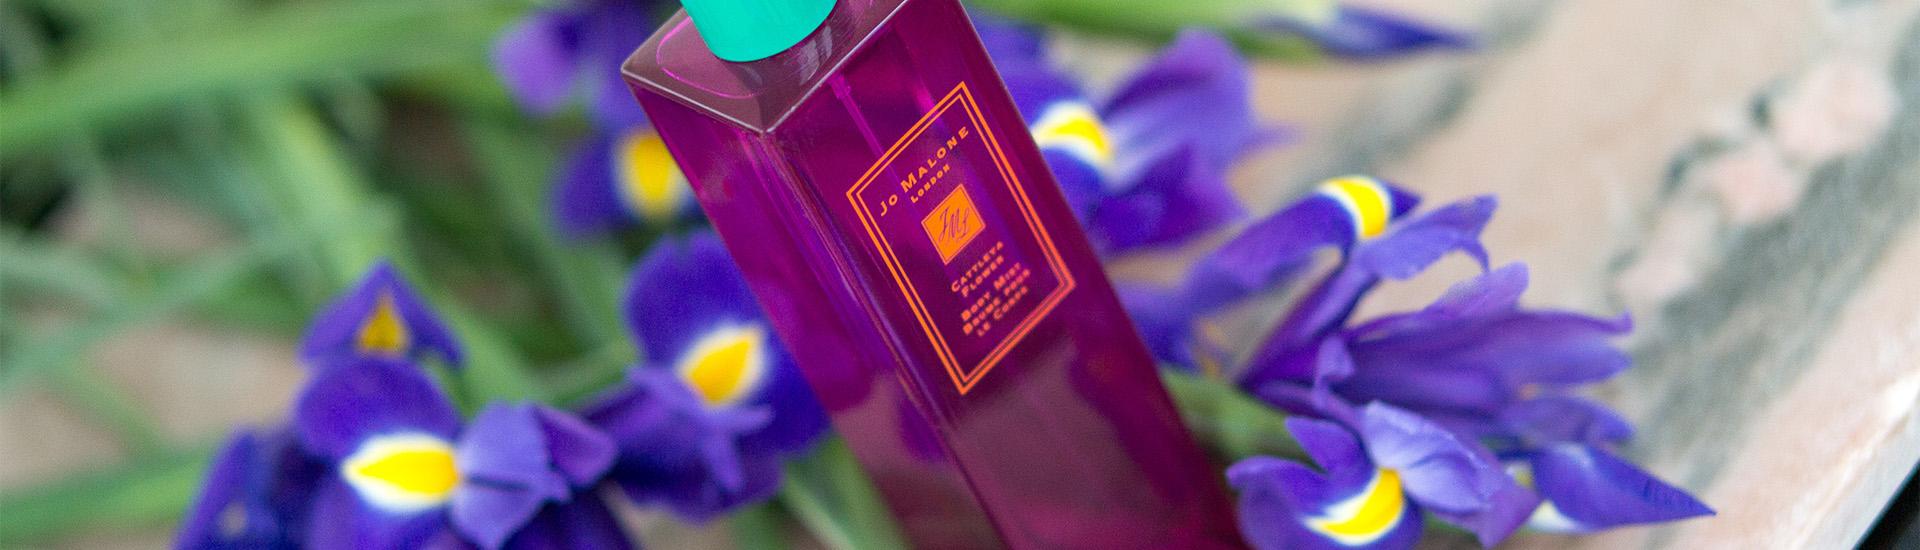 Тропическая орхидея в новом аромате Jo Malone London Cattleya Flower